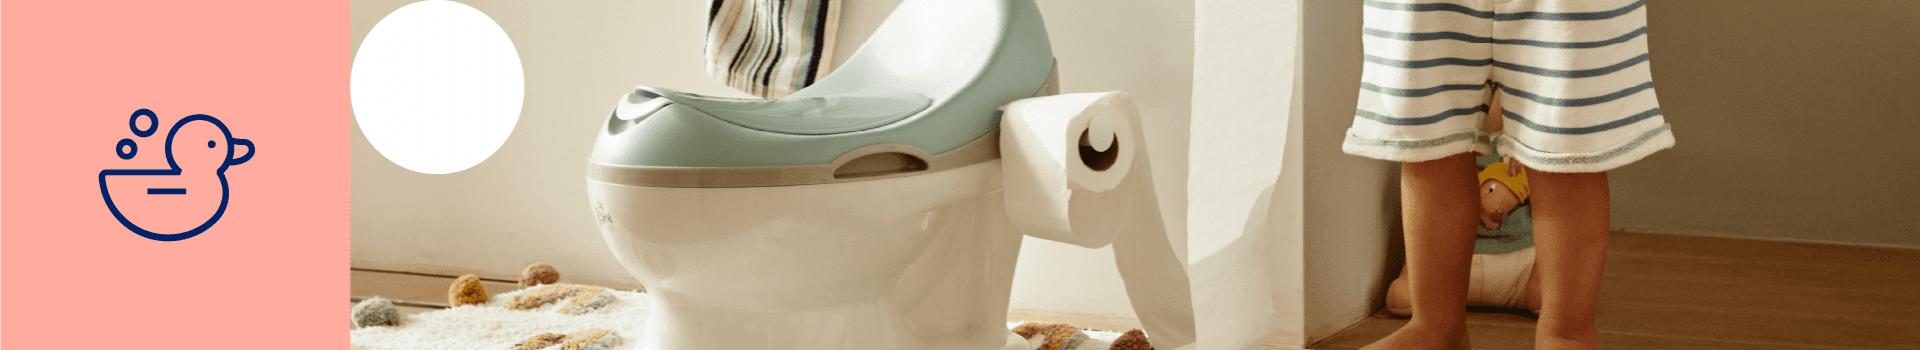 Hygiène Jané | Articles pour la toilette et l'hygiène de bébé | Janéworld